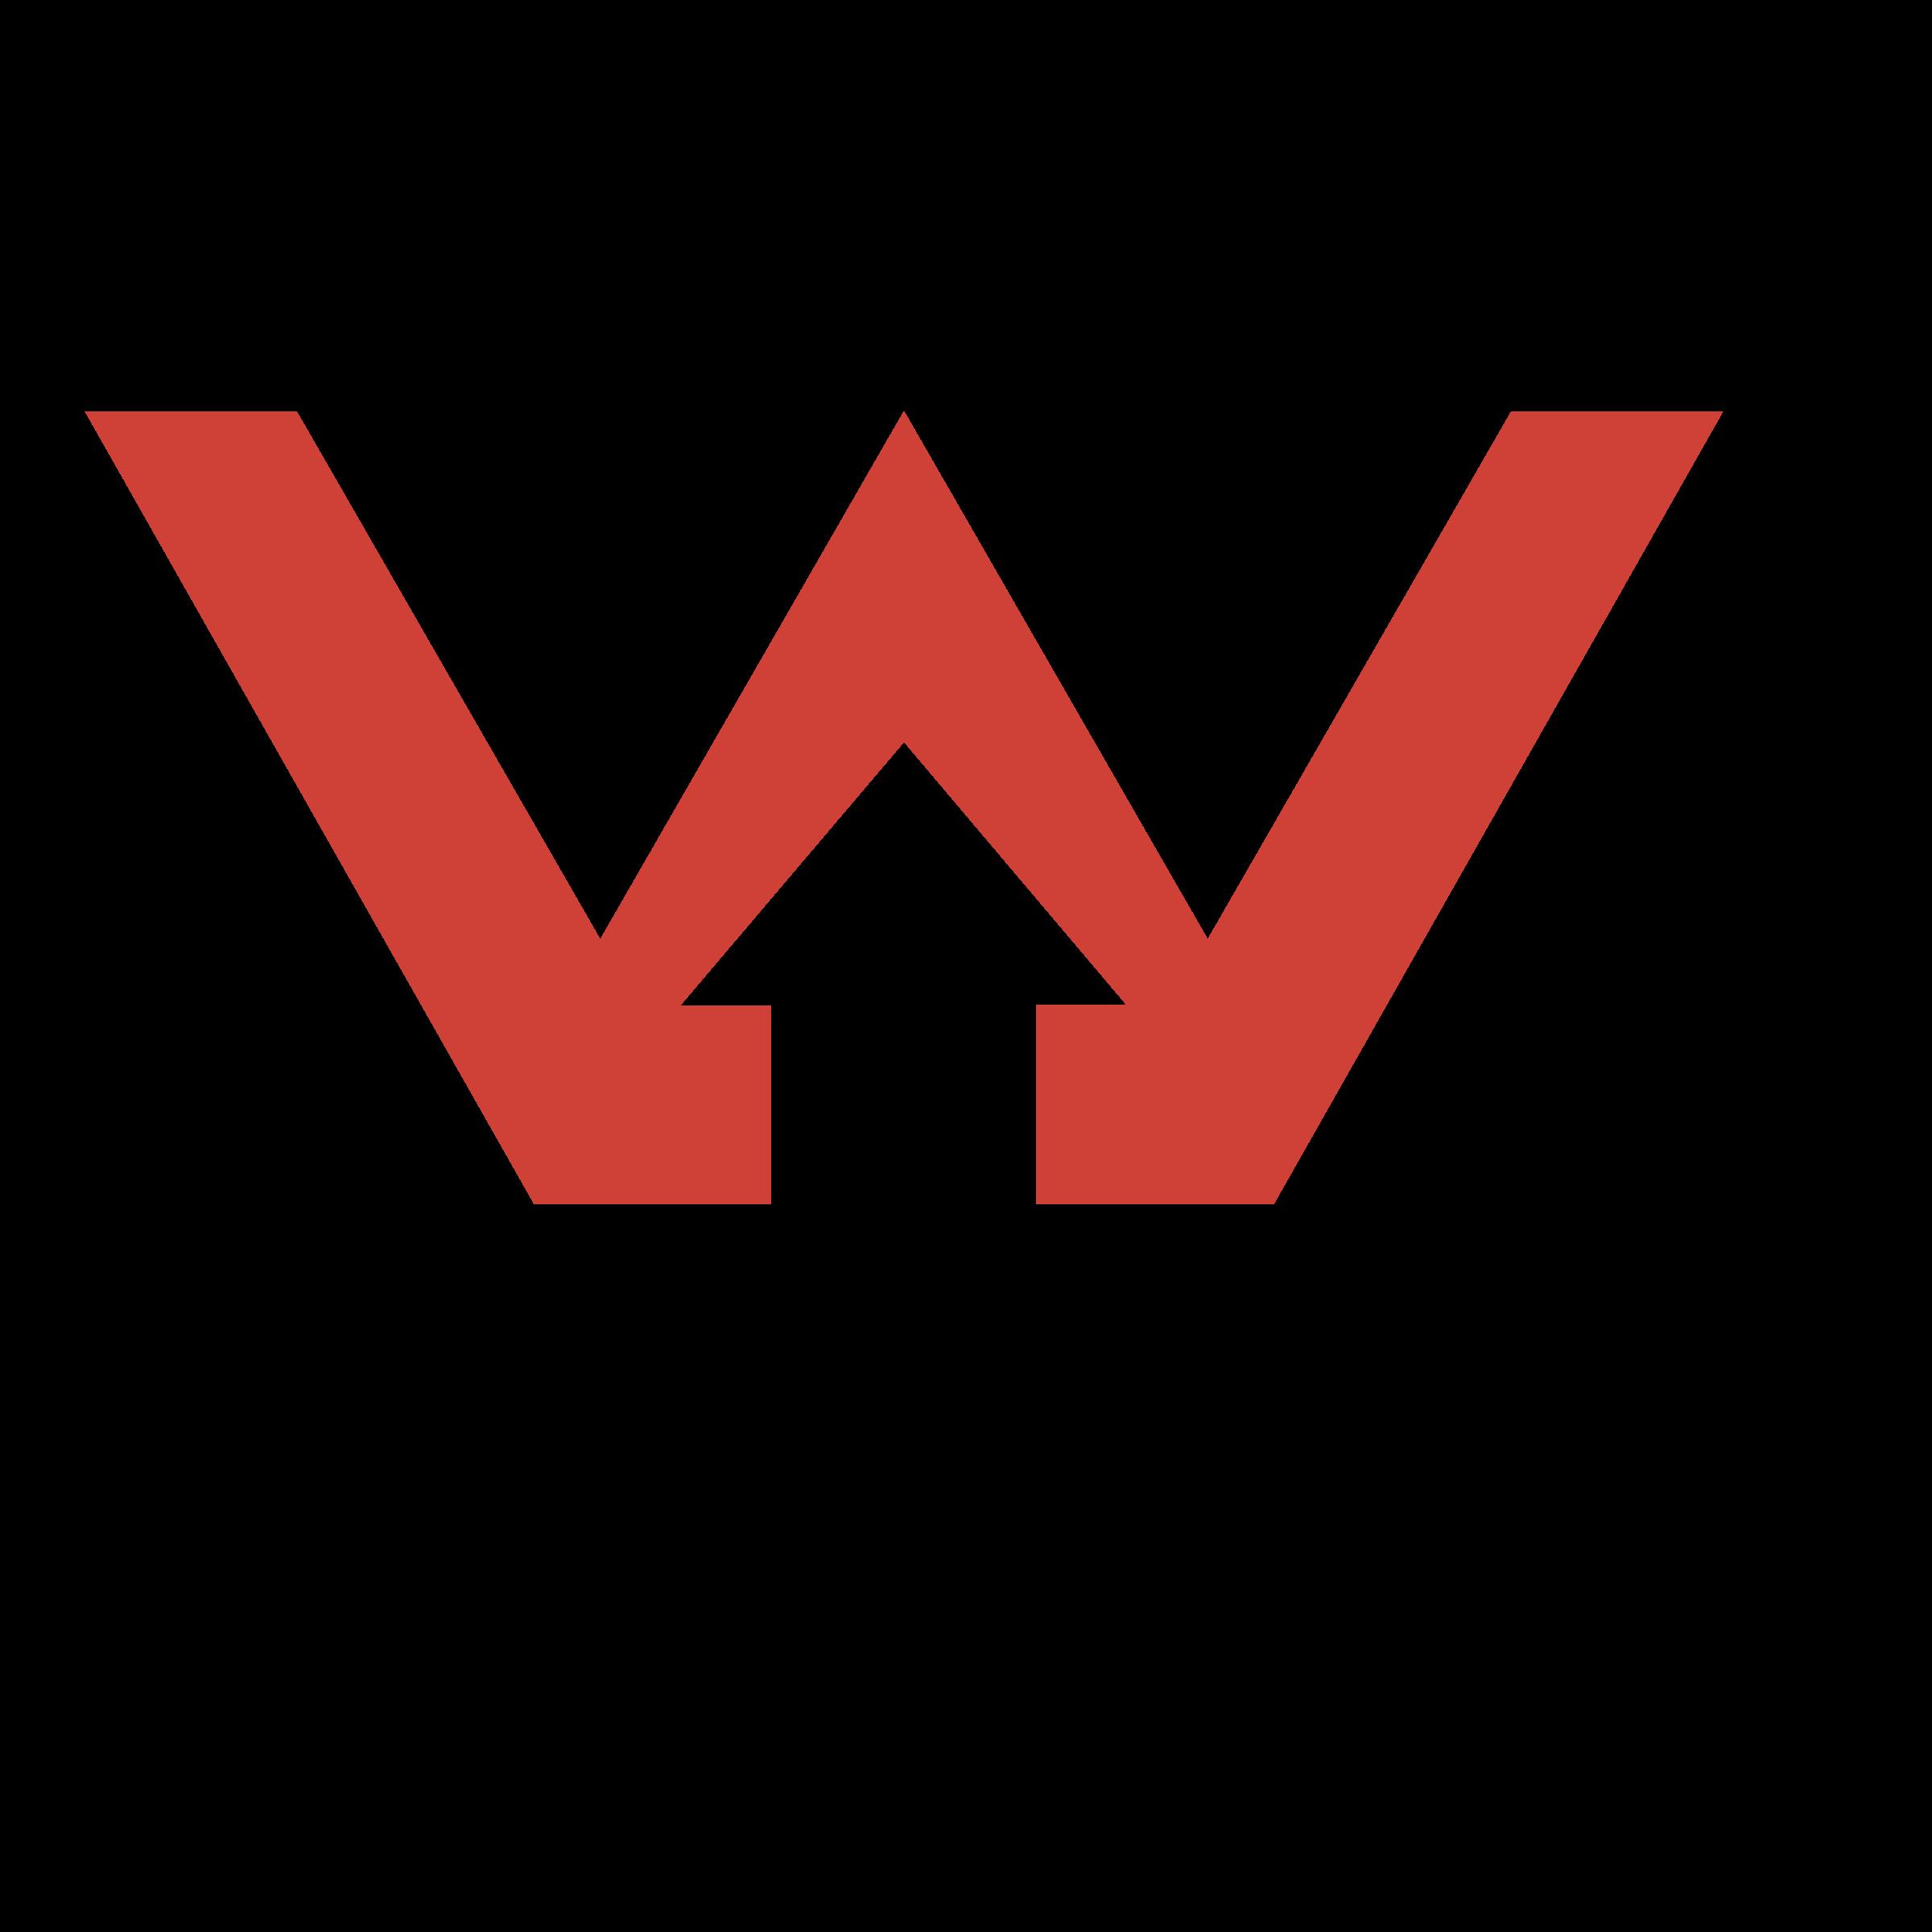 water mark logos